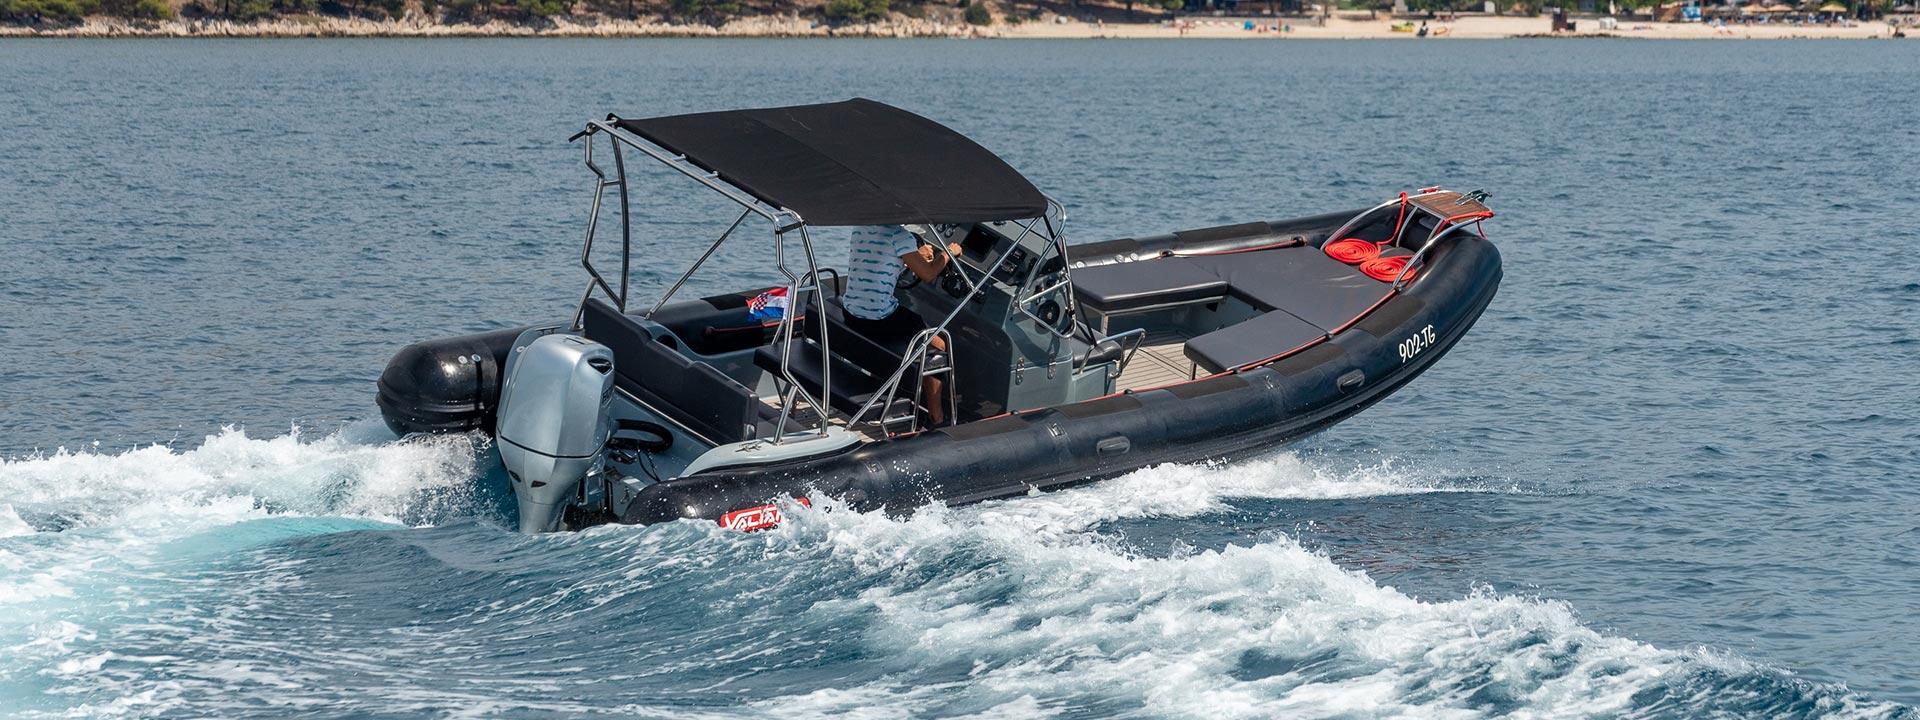 mayer-charter-boat-header-valiant-760-sport-01